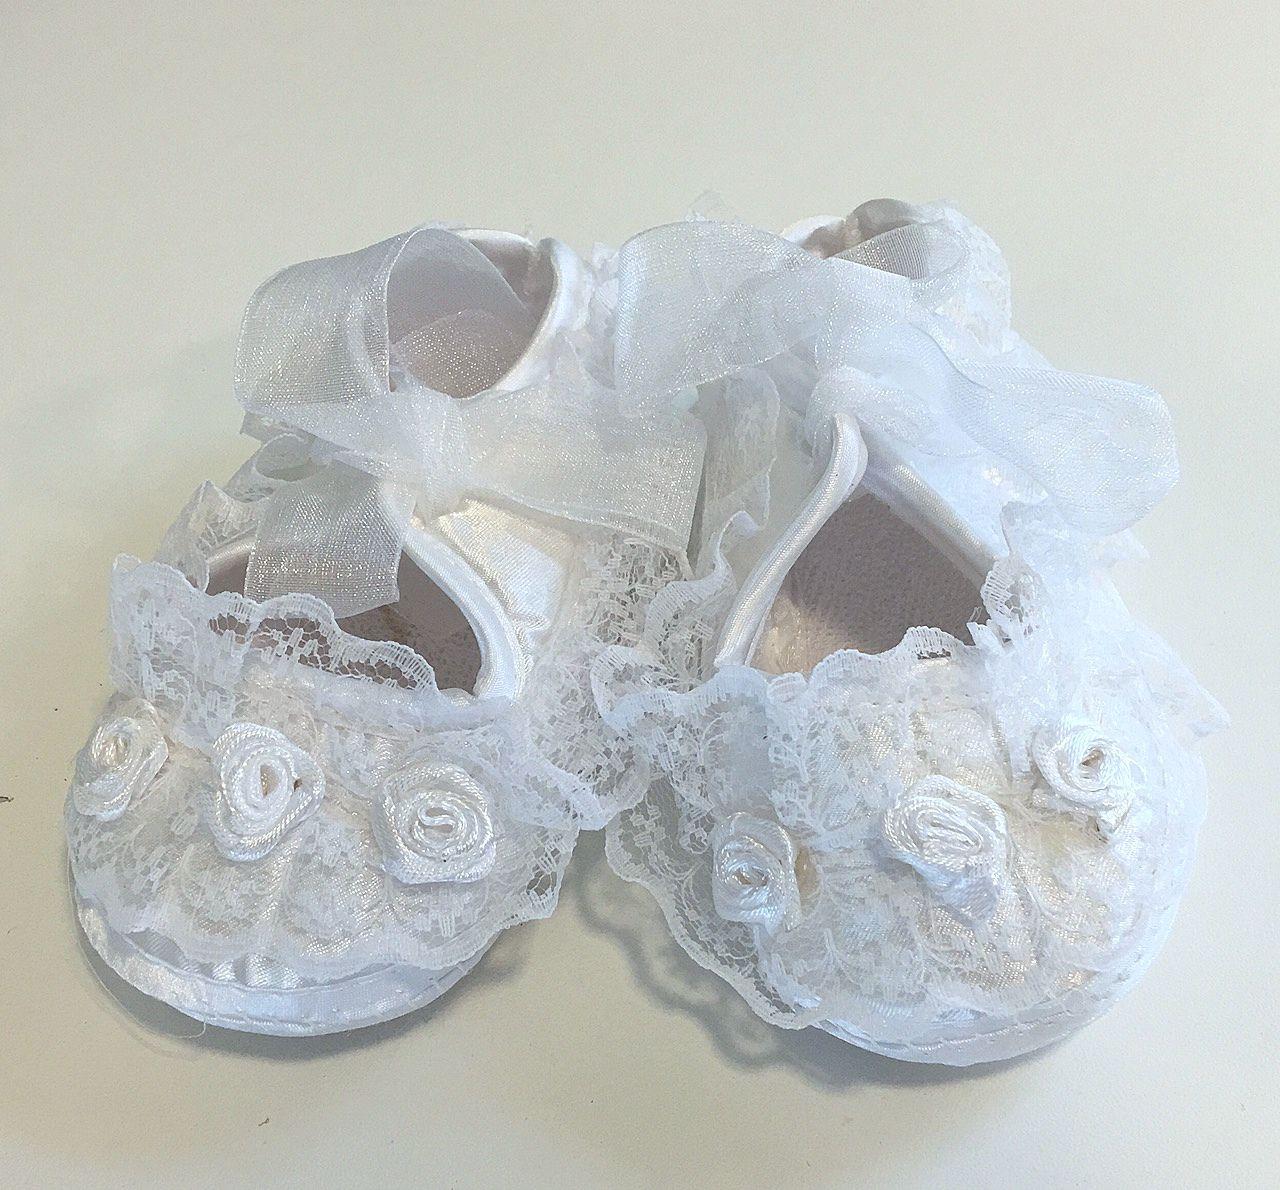 Cipő 01 5200.-Ft : keresztelő cipő gyönyörű csipkével